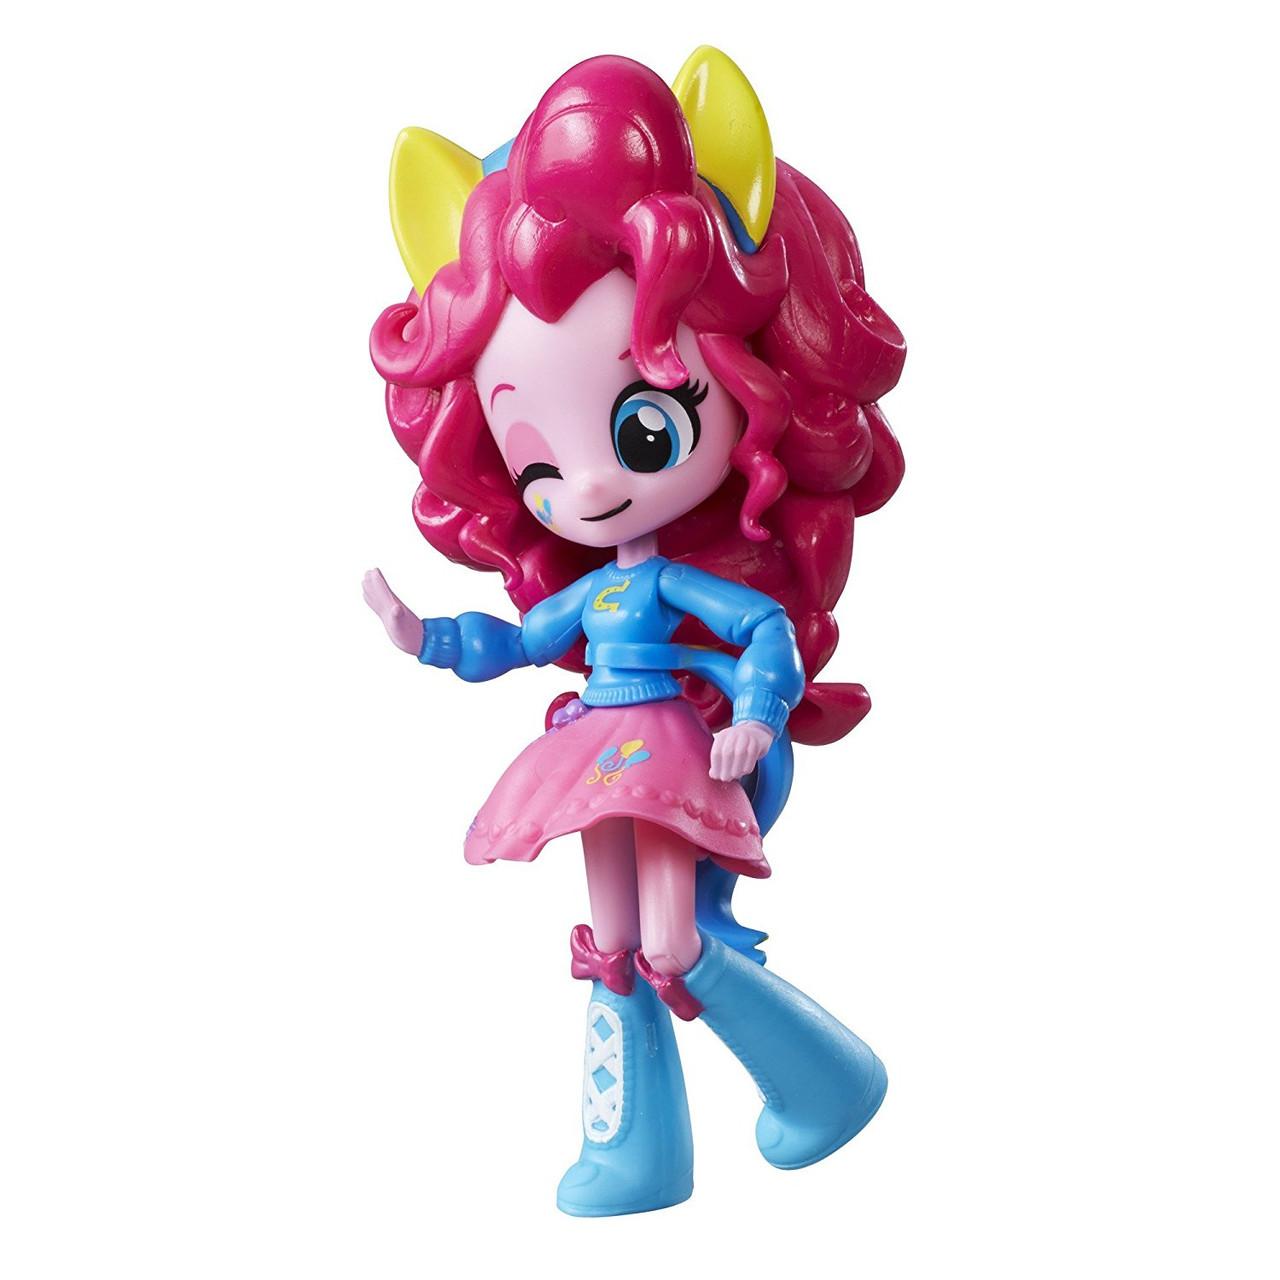 Куколка  My Little Pony шарнирна мини Девочки Эквестрии Пинки Пай My Little Pony Equestria Girls Minis Pinki